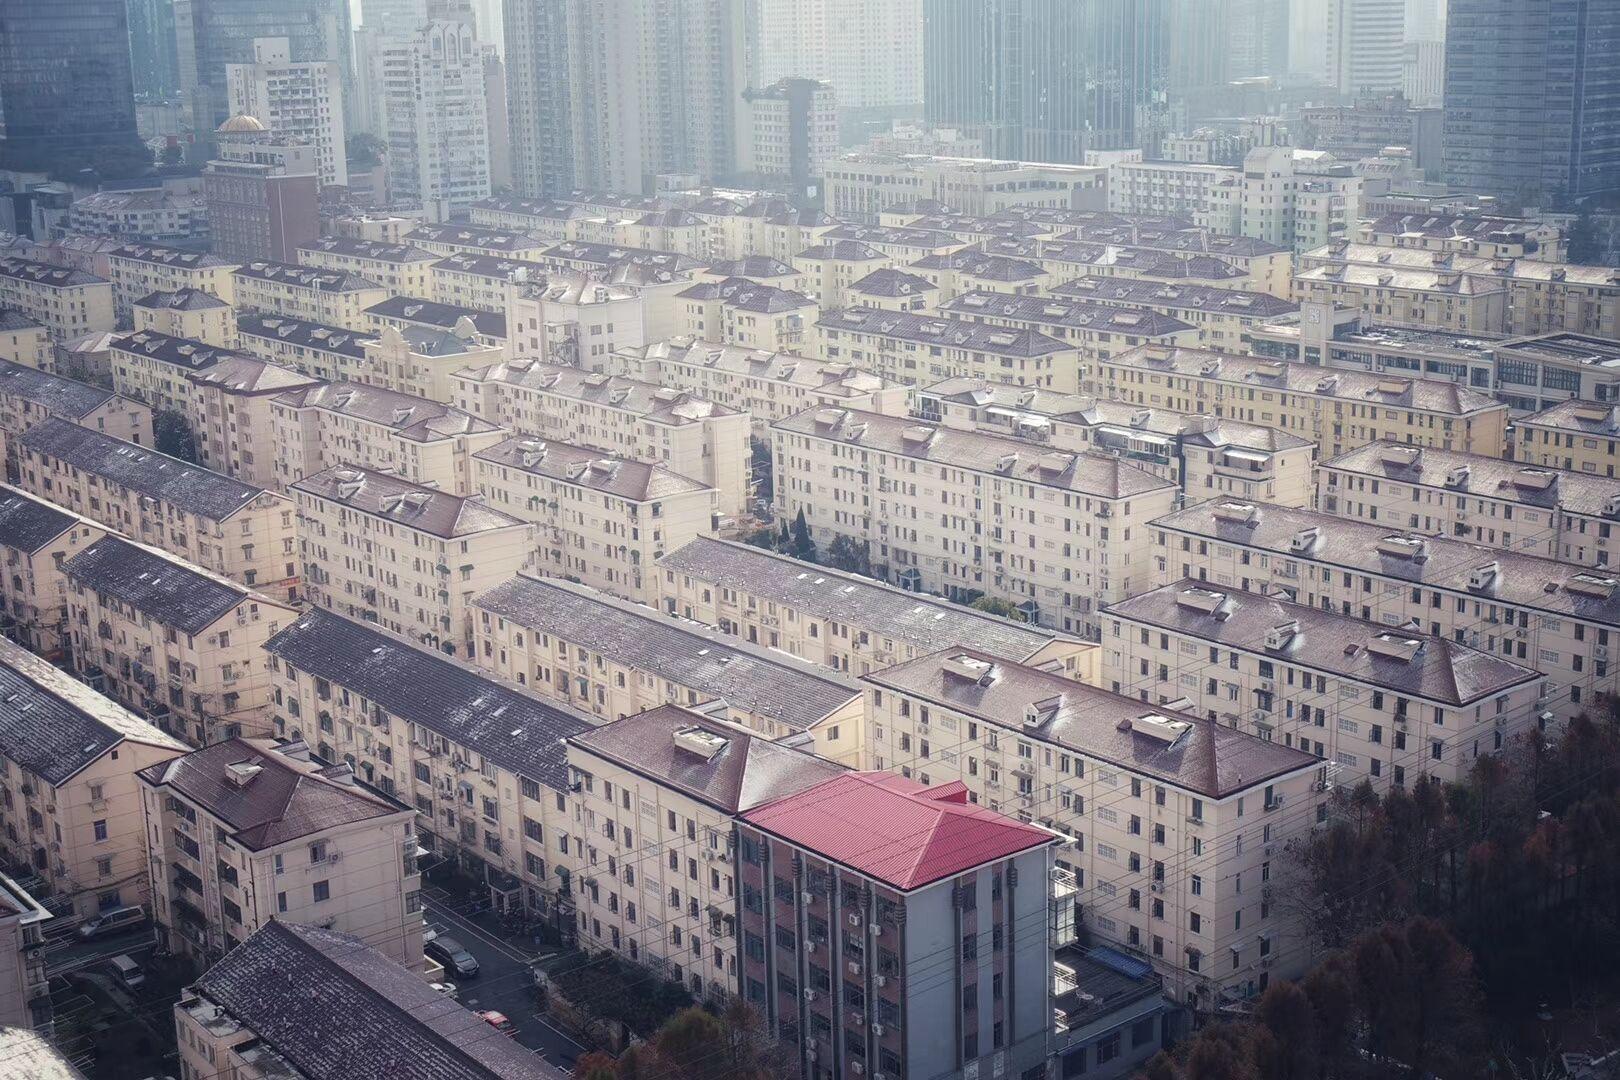 上海,下雪了!一大波美图收好!千万不要出去玩雪